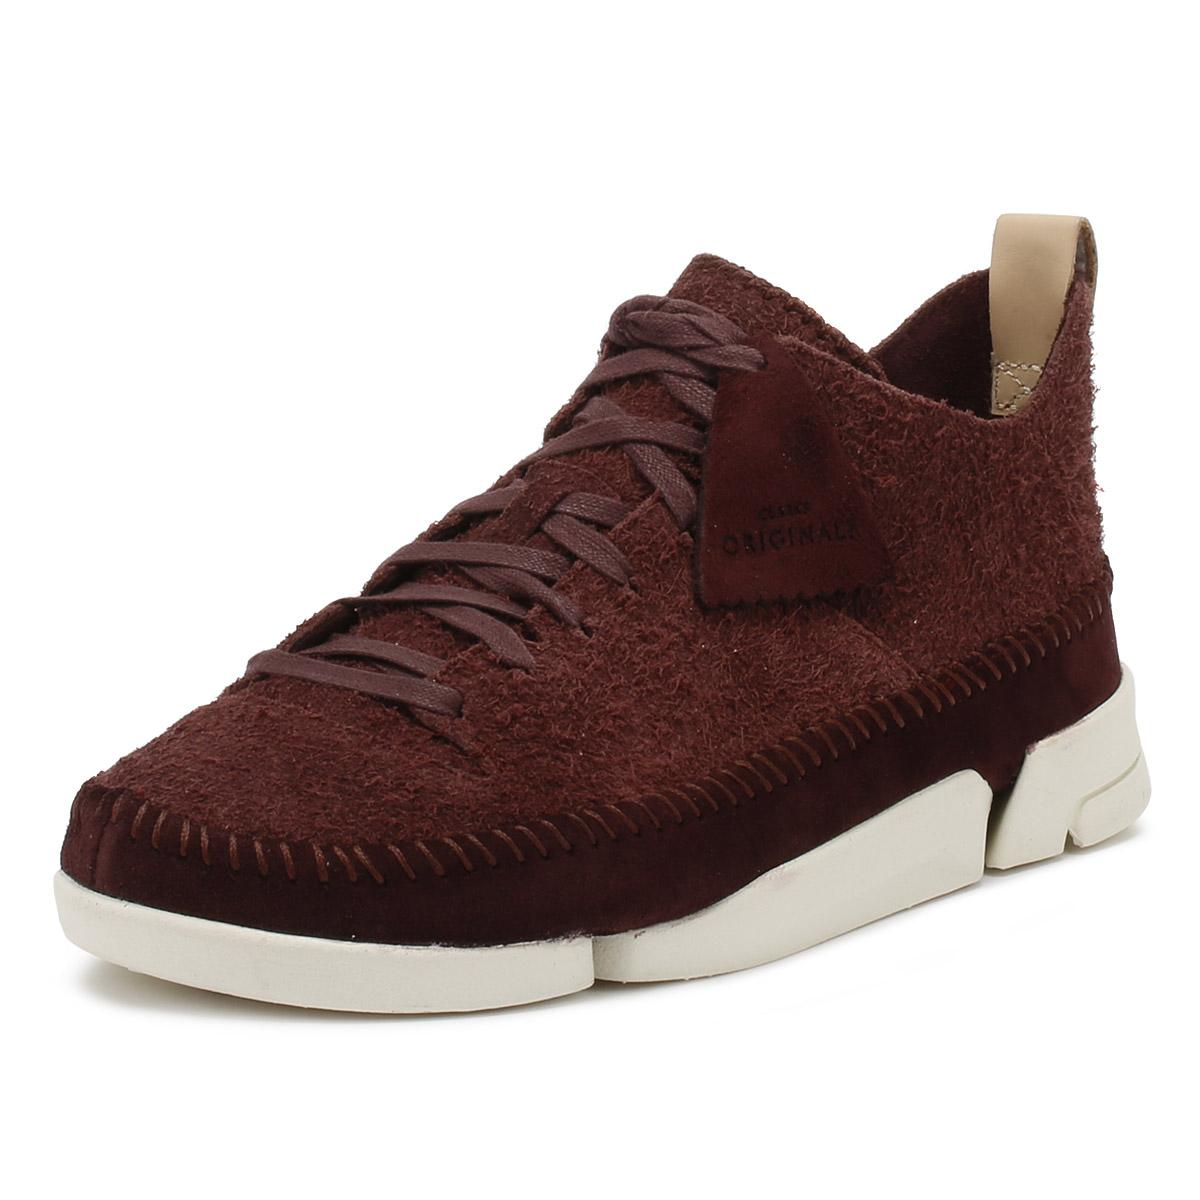 Detalles de Clarks Para hombre Zapatillas Borgoña Trigenic Flex Con Cordones Deportivos Informales Zapatos de gamuza ver título original